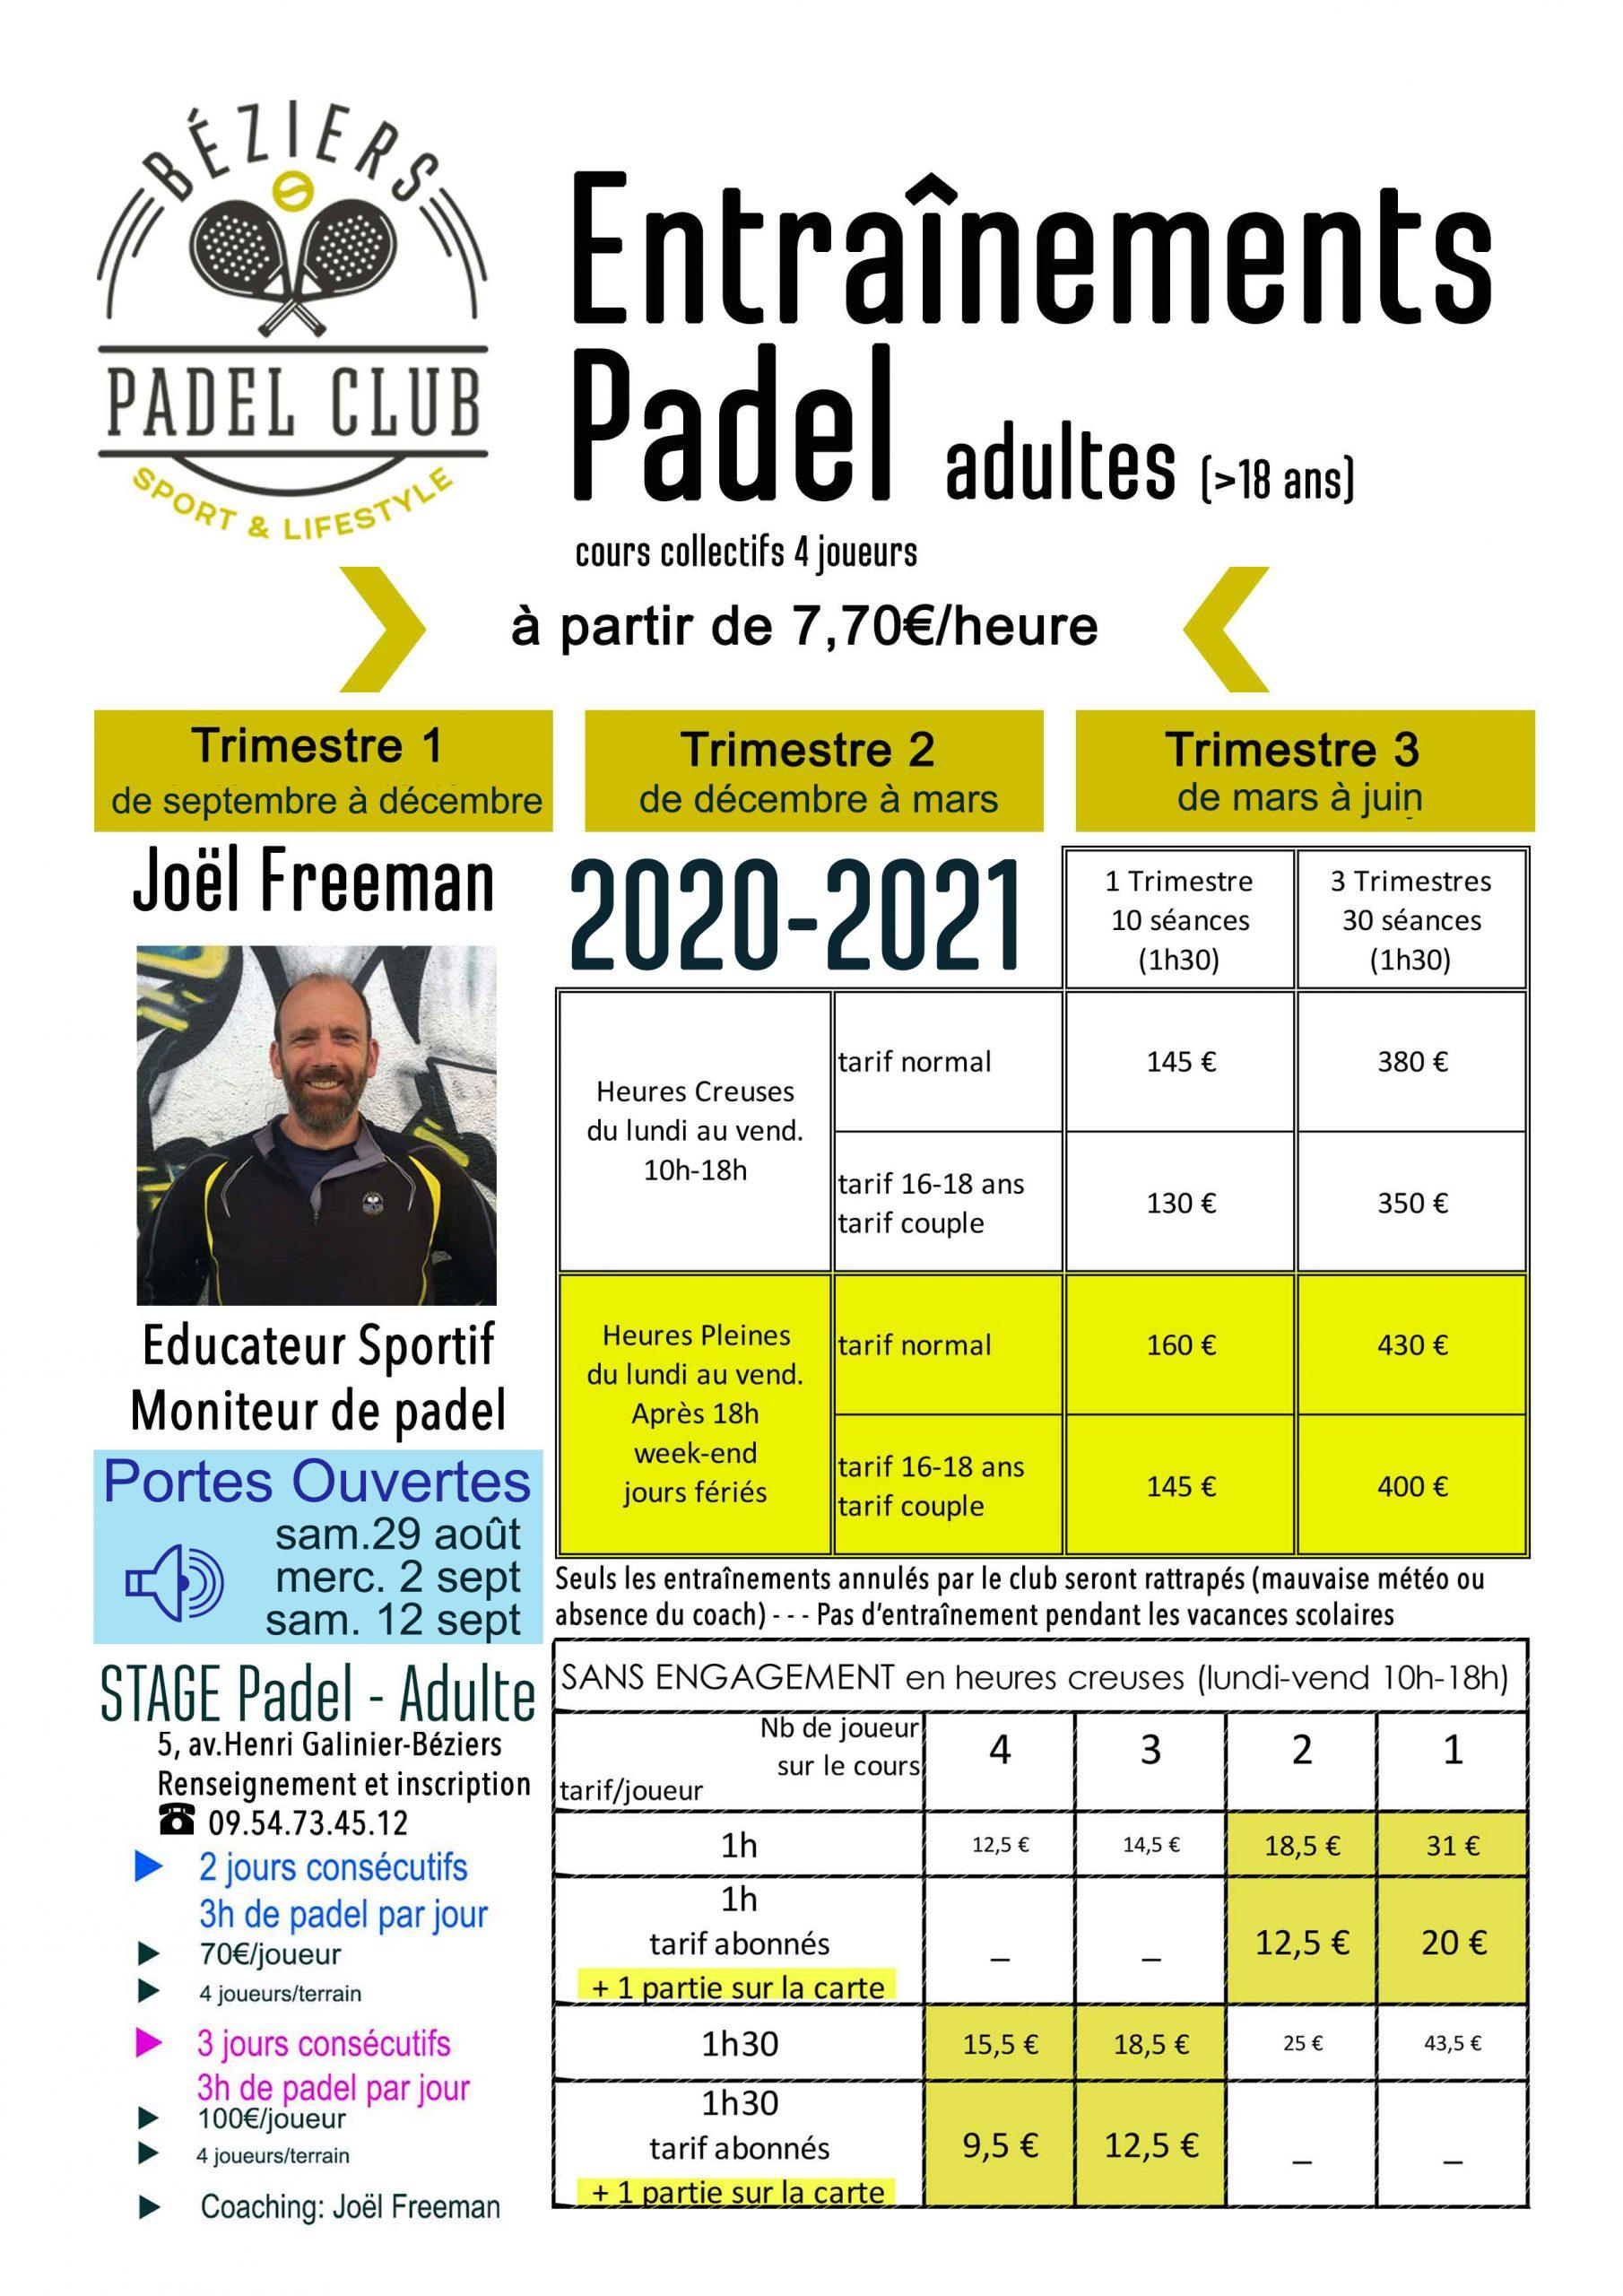 Ecole de padel Adultes 2020-2021